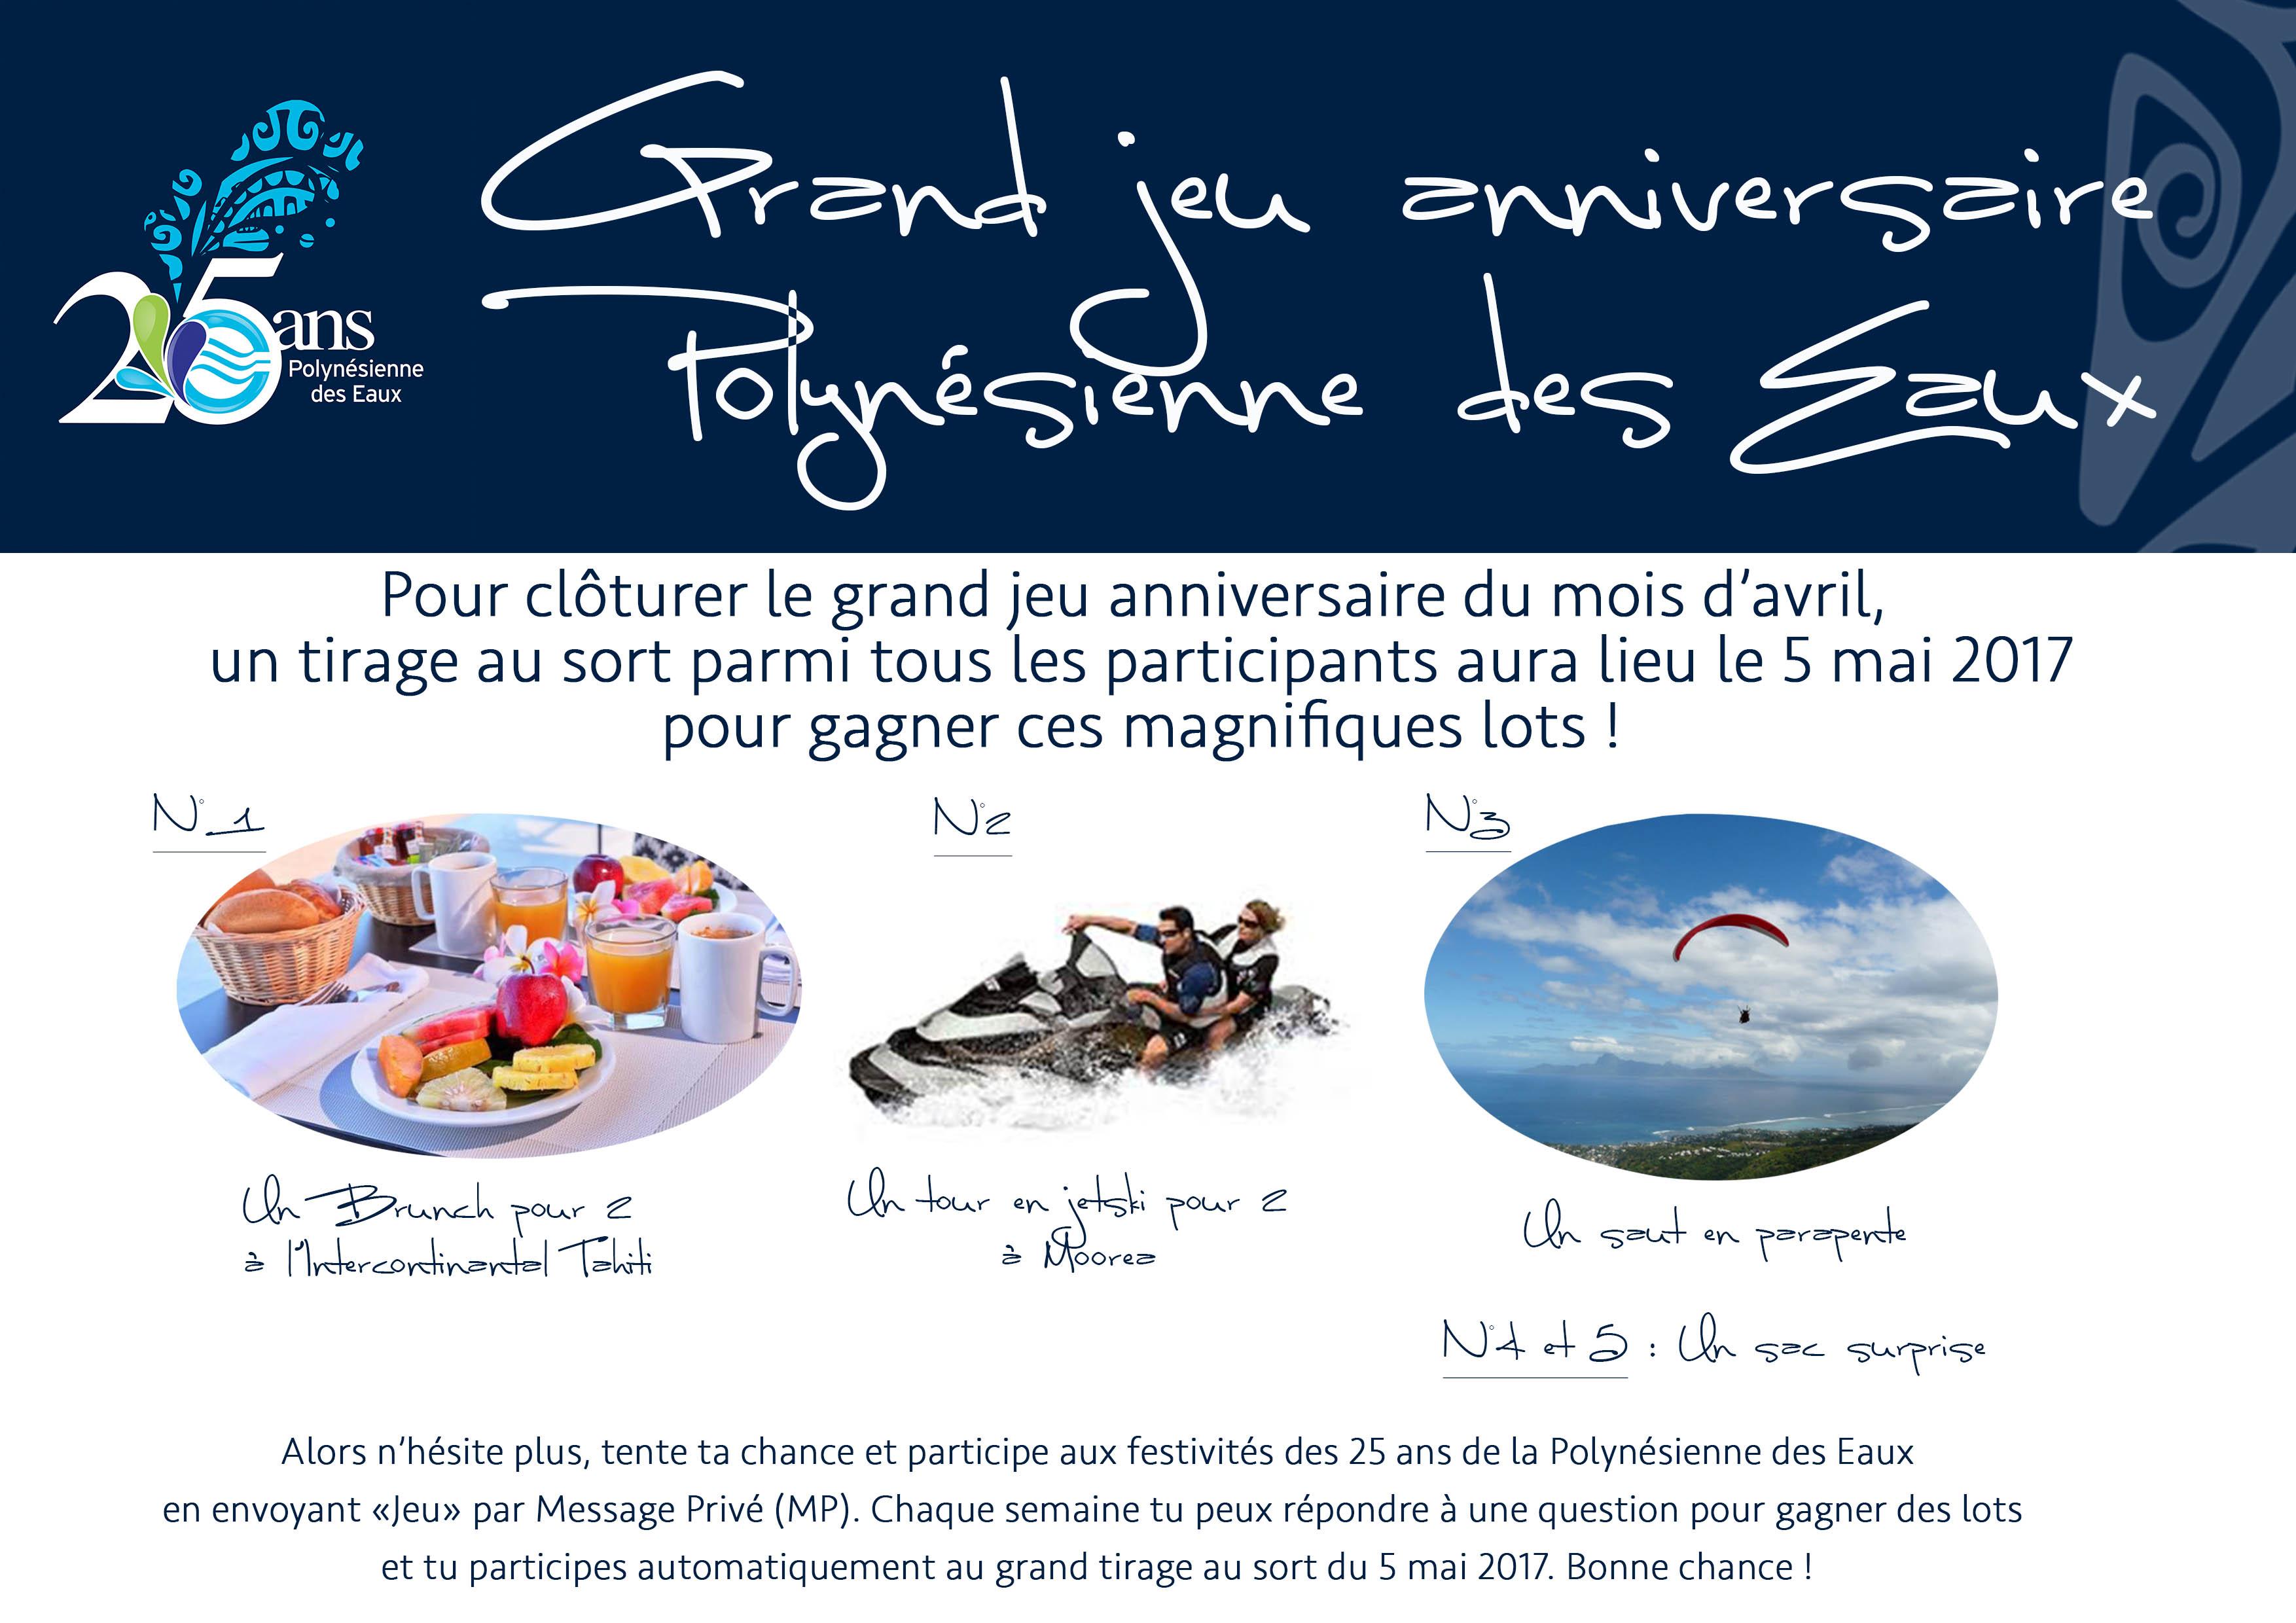 Anniversaire Jeu Facebook Polynesienne Des Eaux